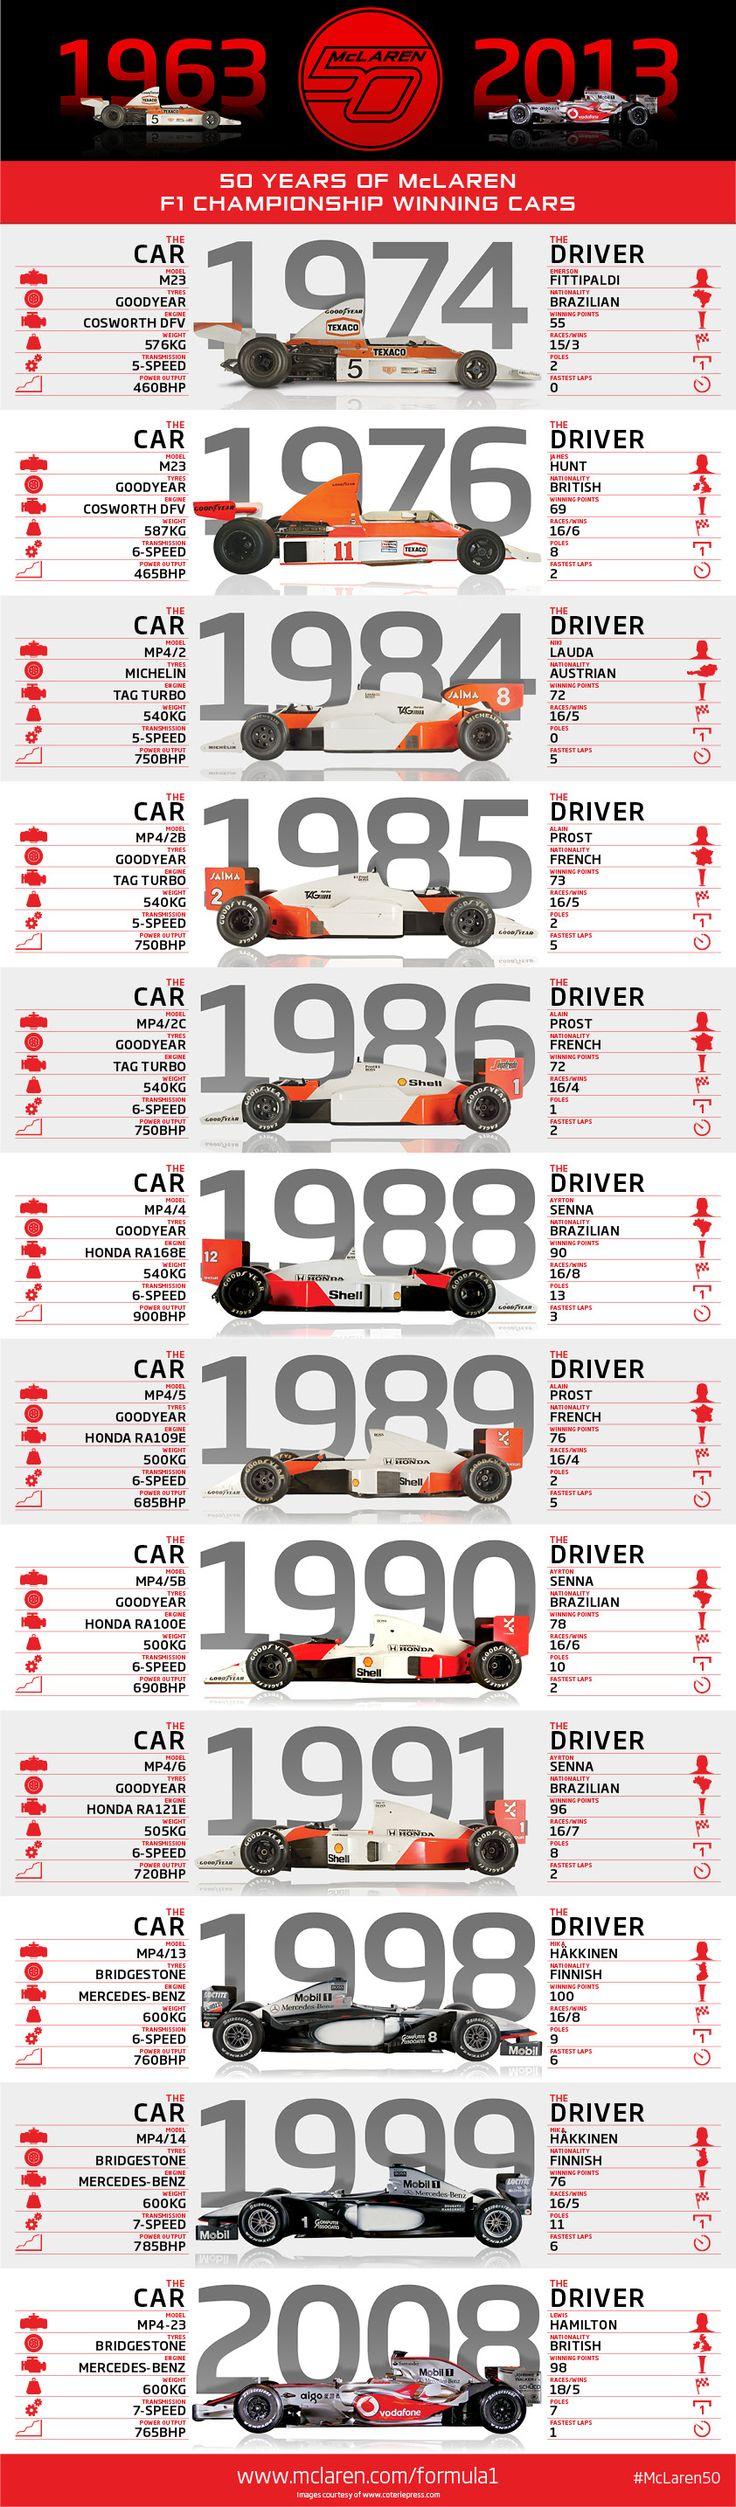 50 years of McLaren F1 championship winning cars: infographic